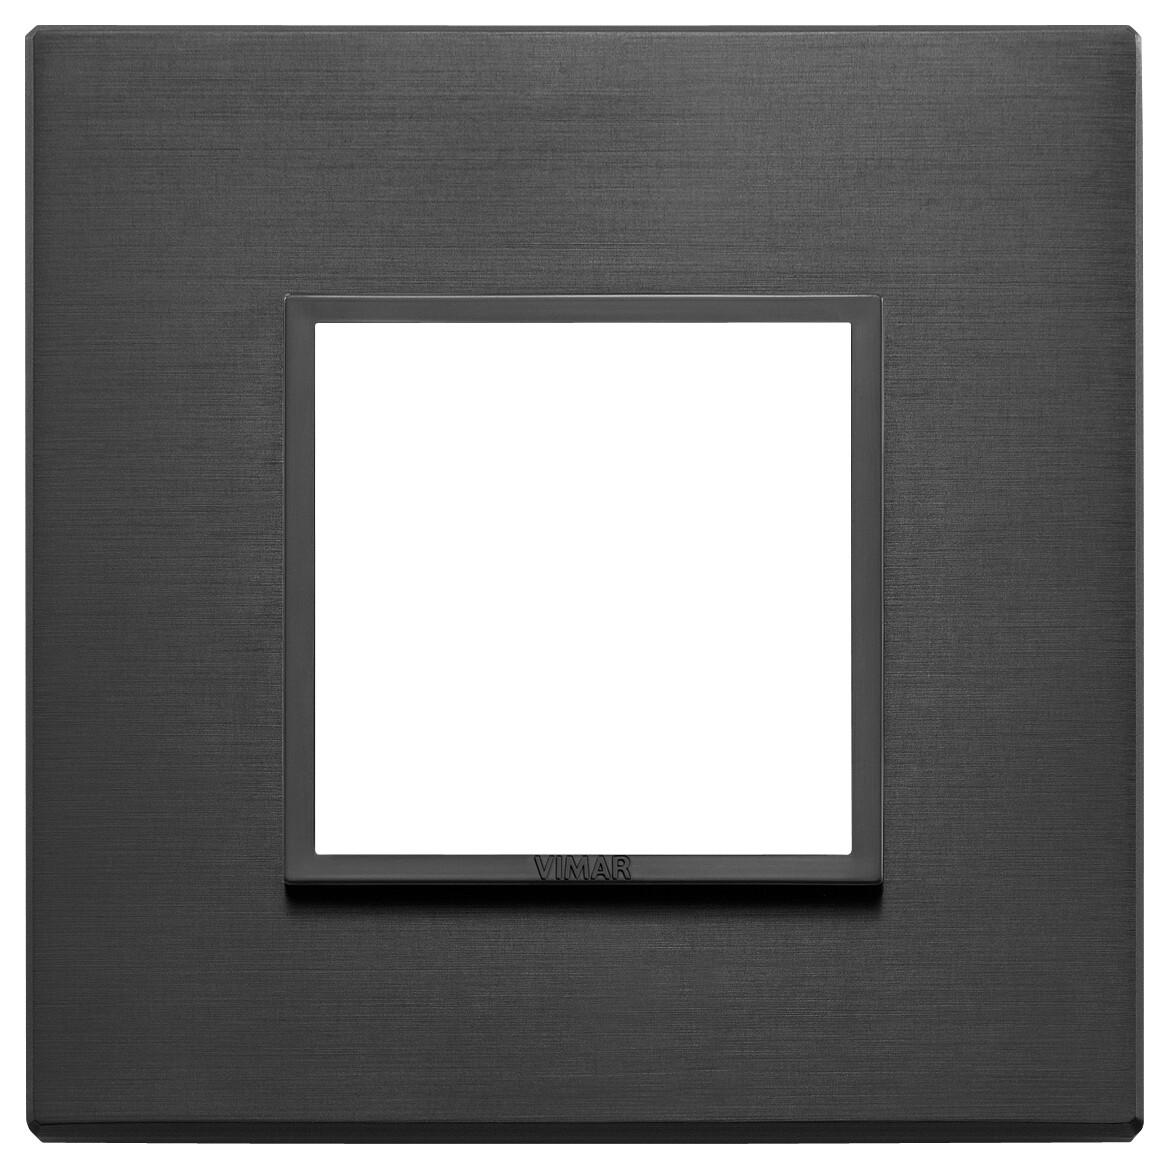 Накладка Evo на 2 модуля, черная полностью